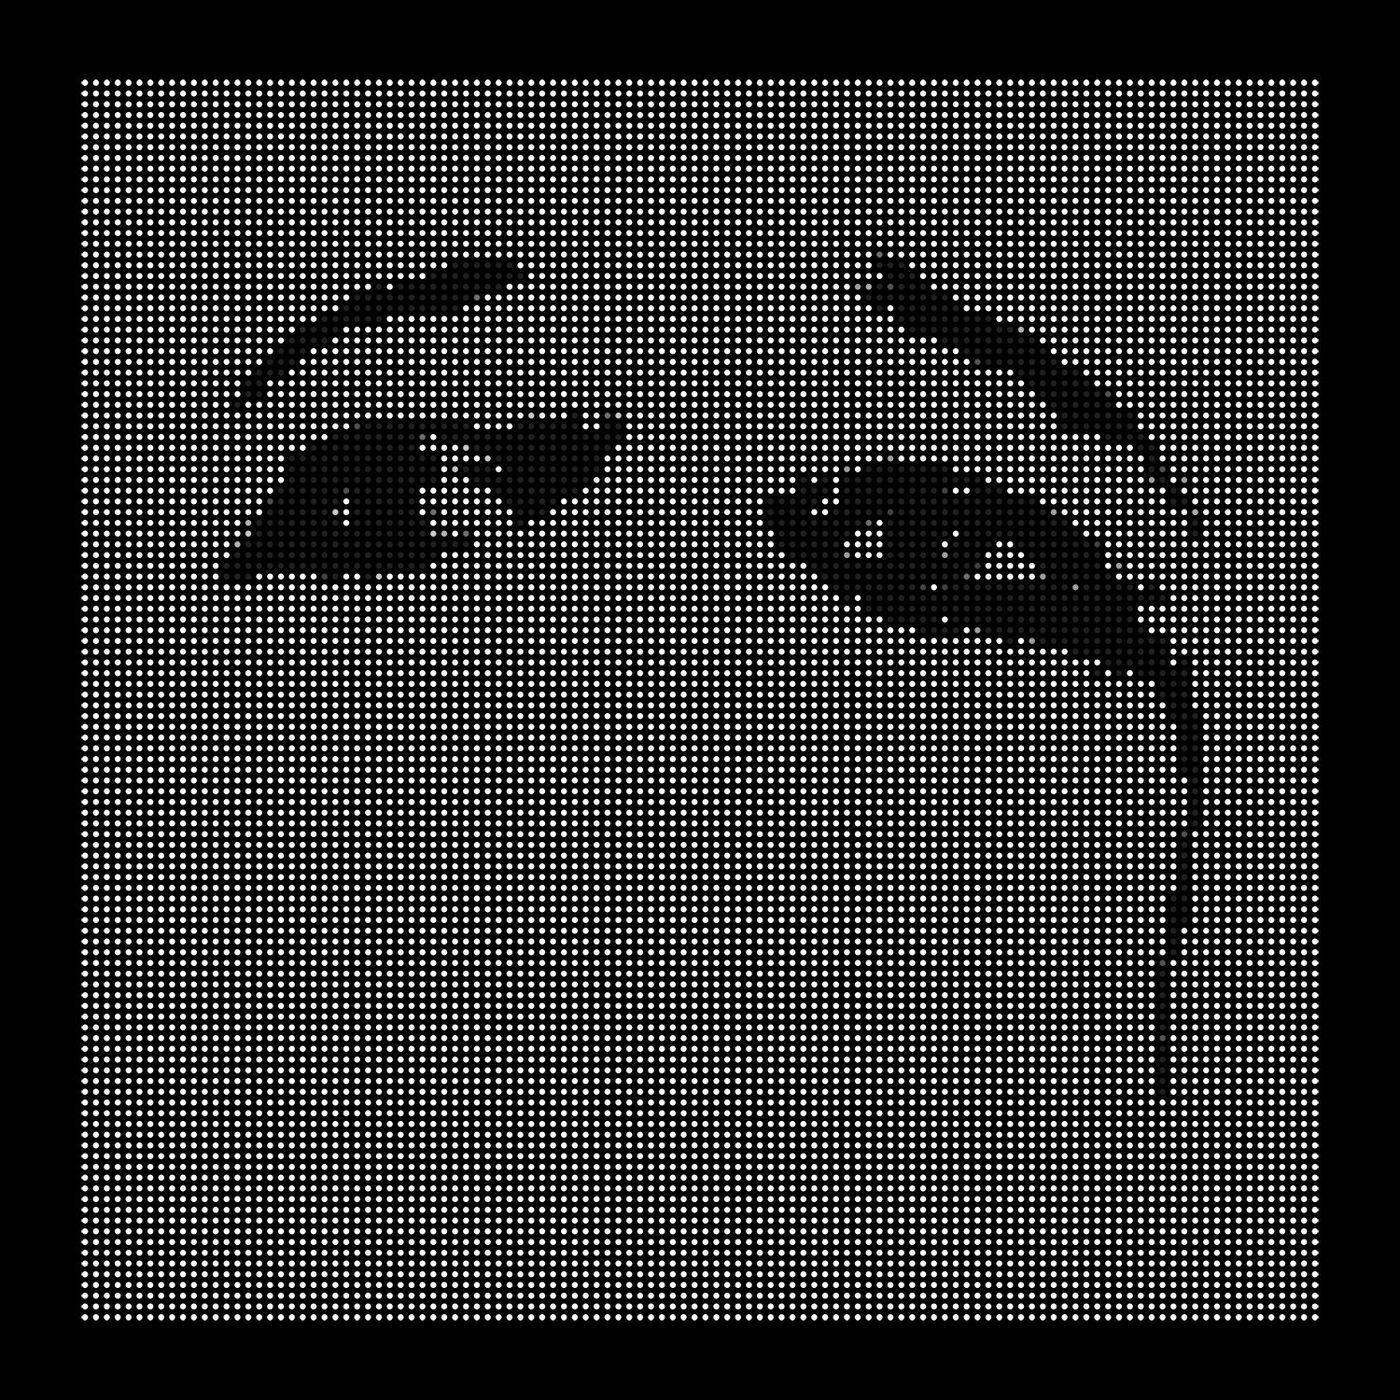 Deftones - Genesis [single] (2020)